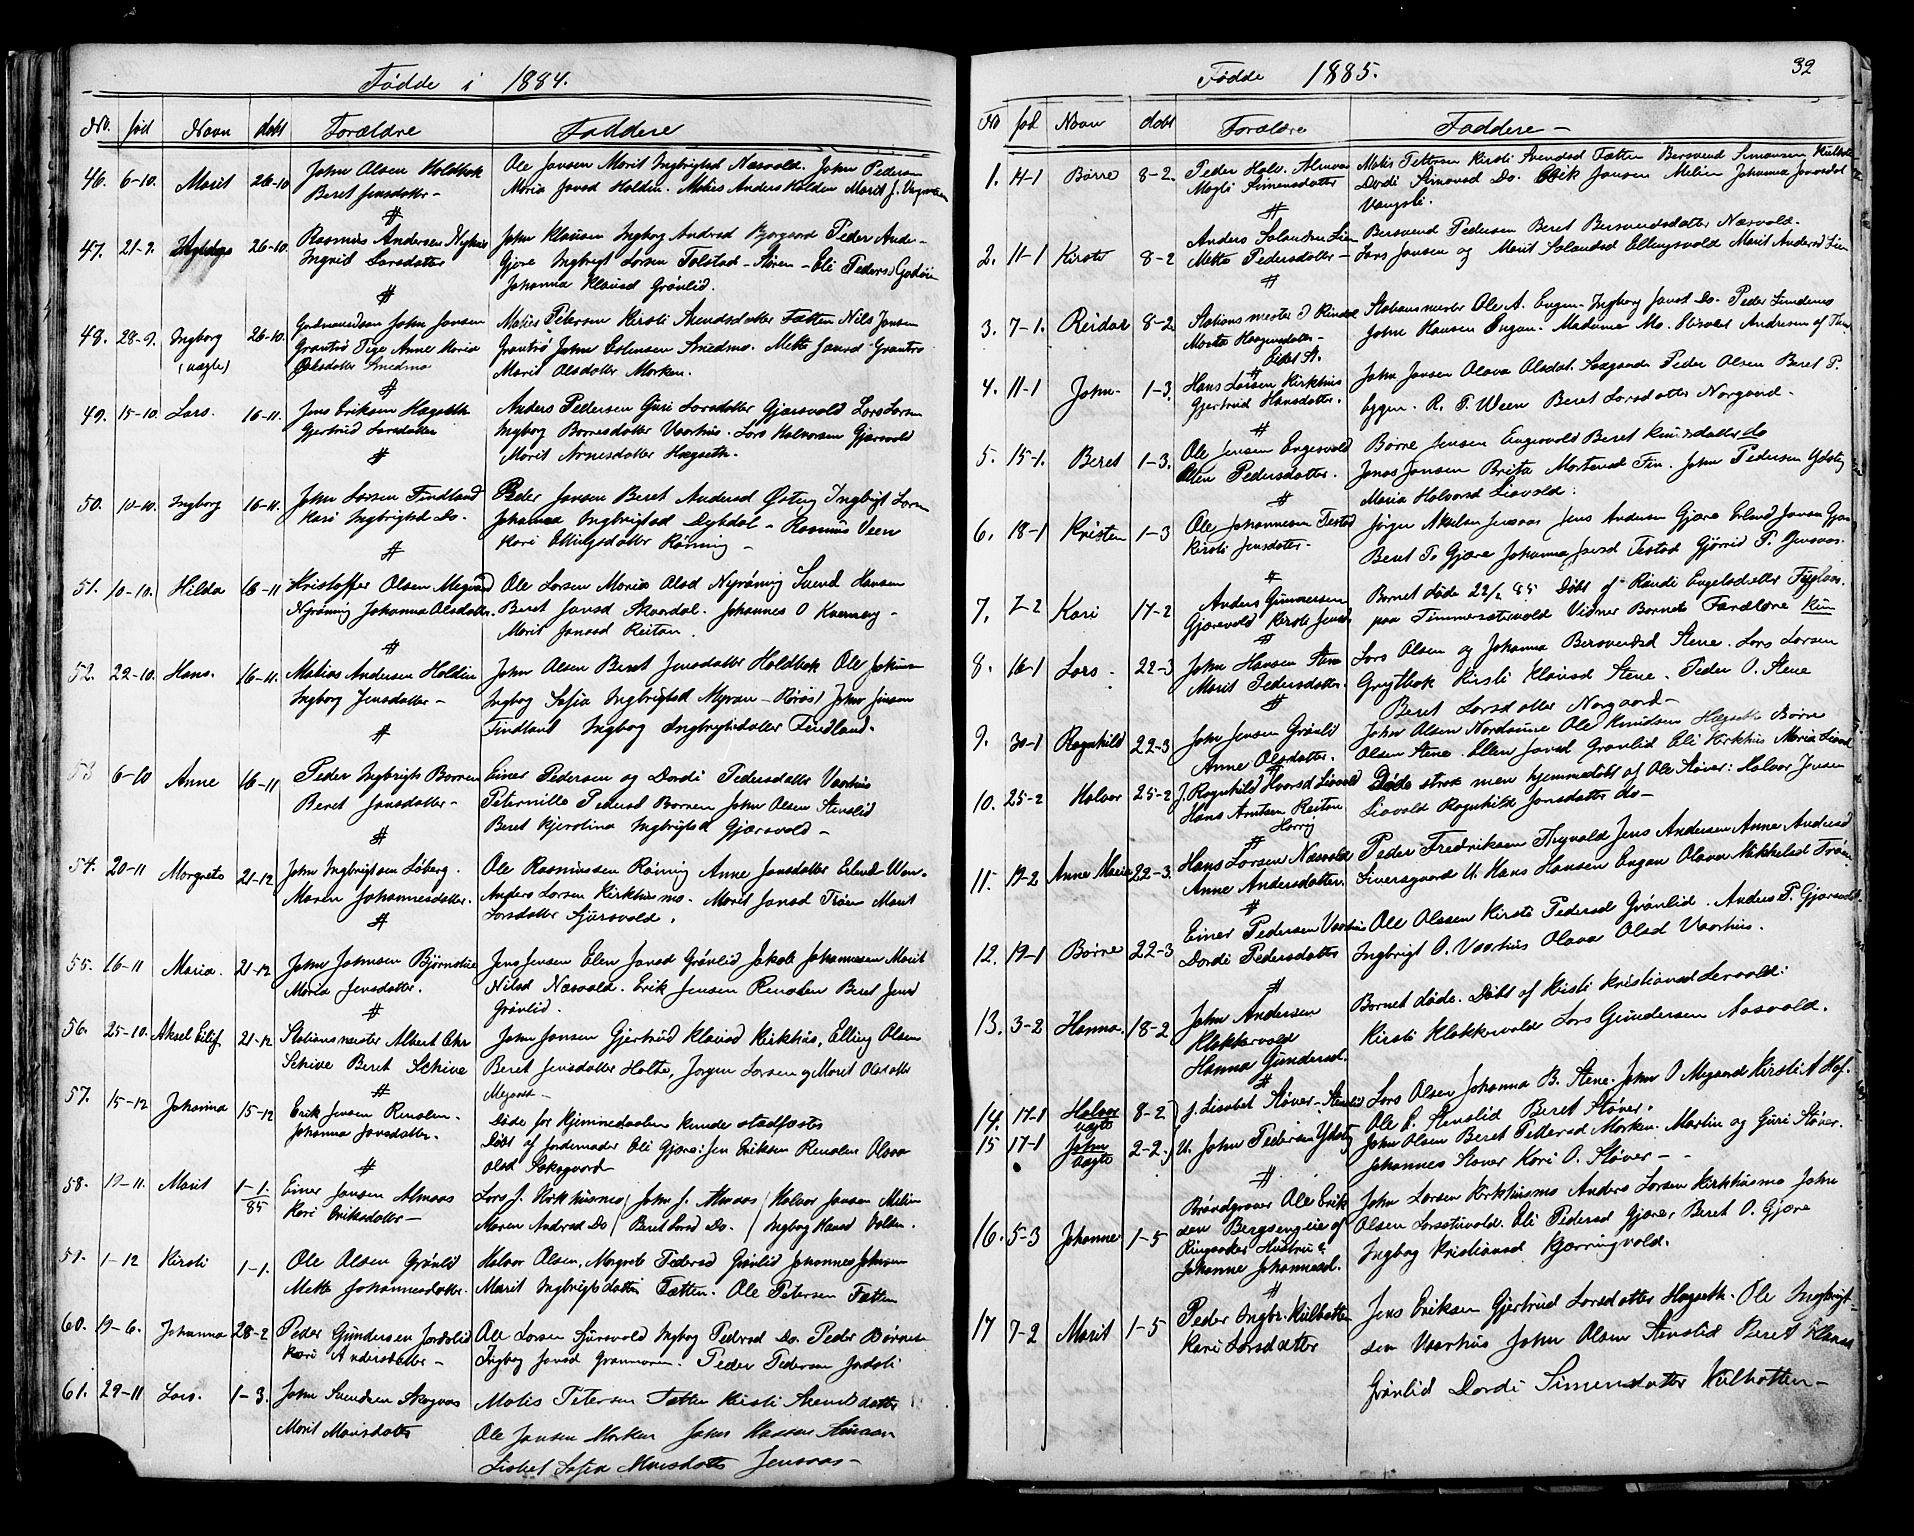 SAT, Ministerialprotokoller, klokkerbøker og fødselsregistre - Sør-Trøndelag, 686/L0985: Klokkerbok nr. 686C01, 1871-1933, s. 32